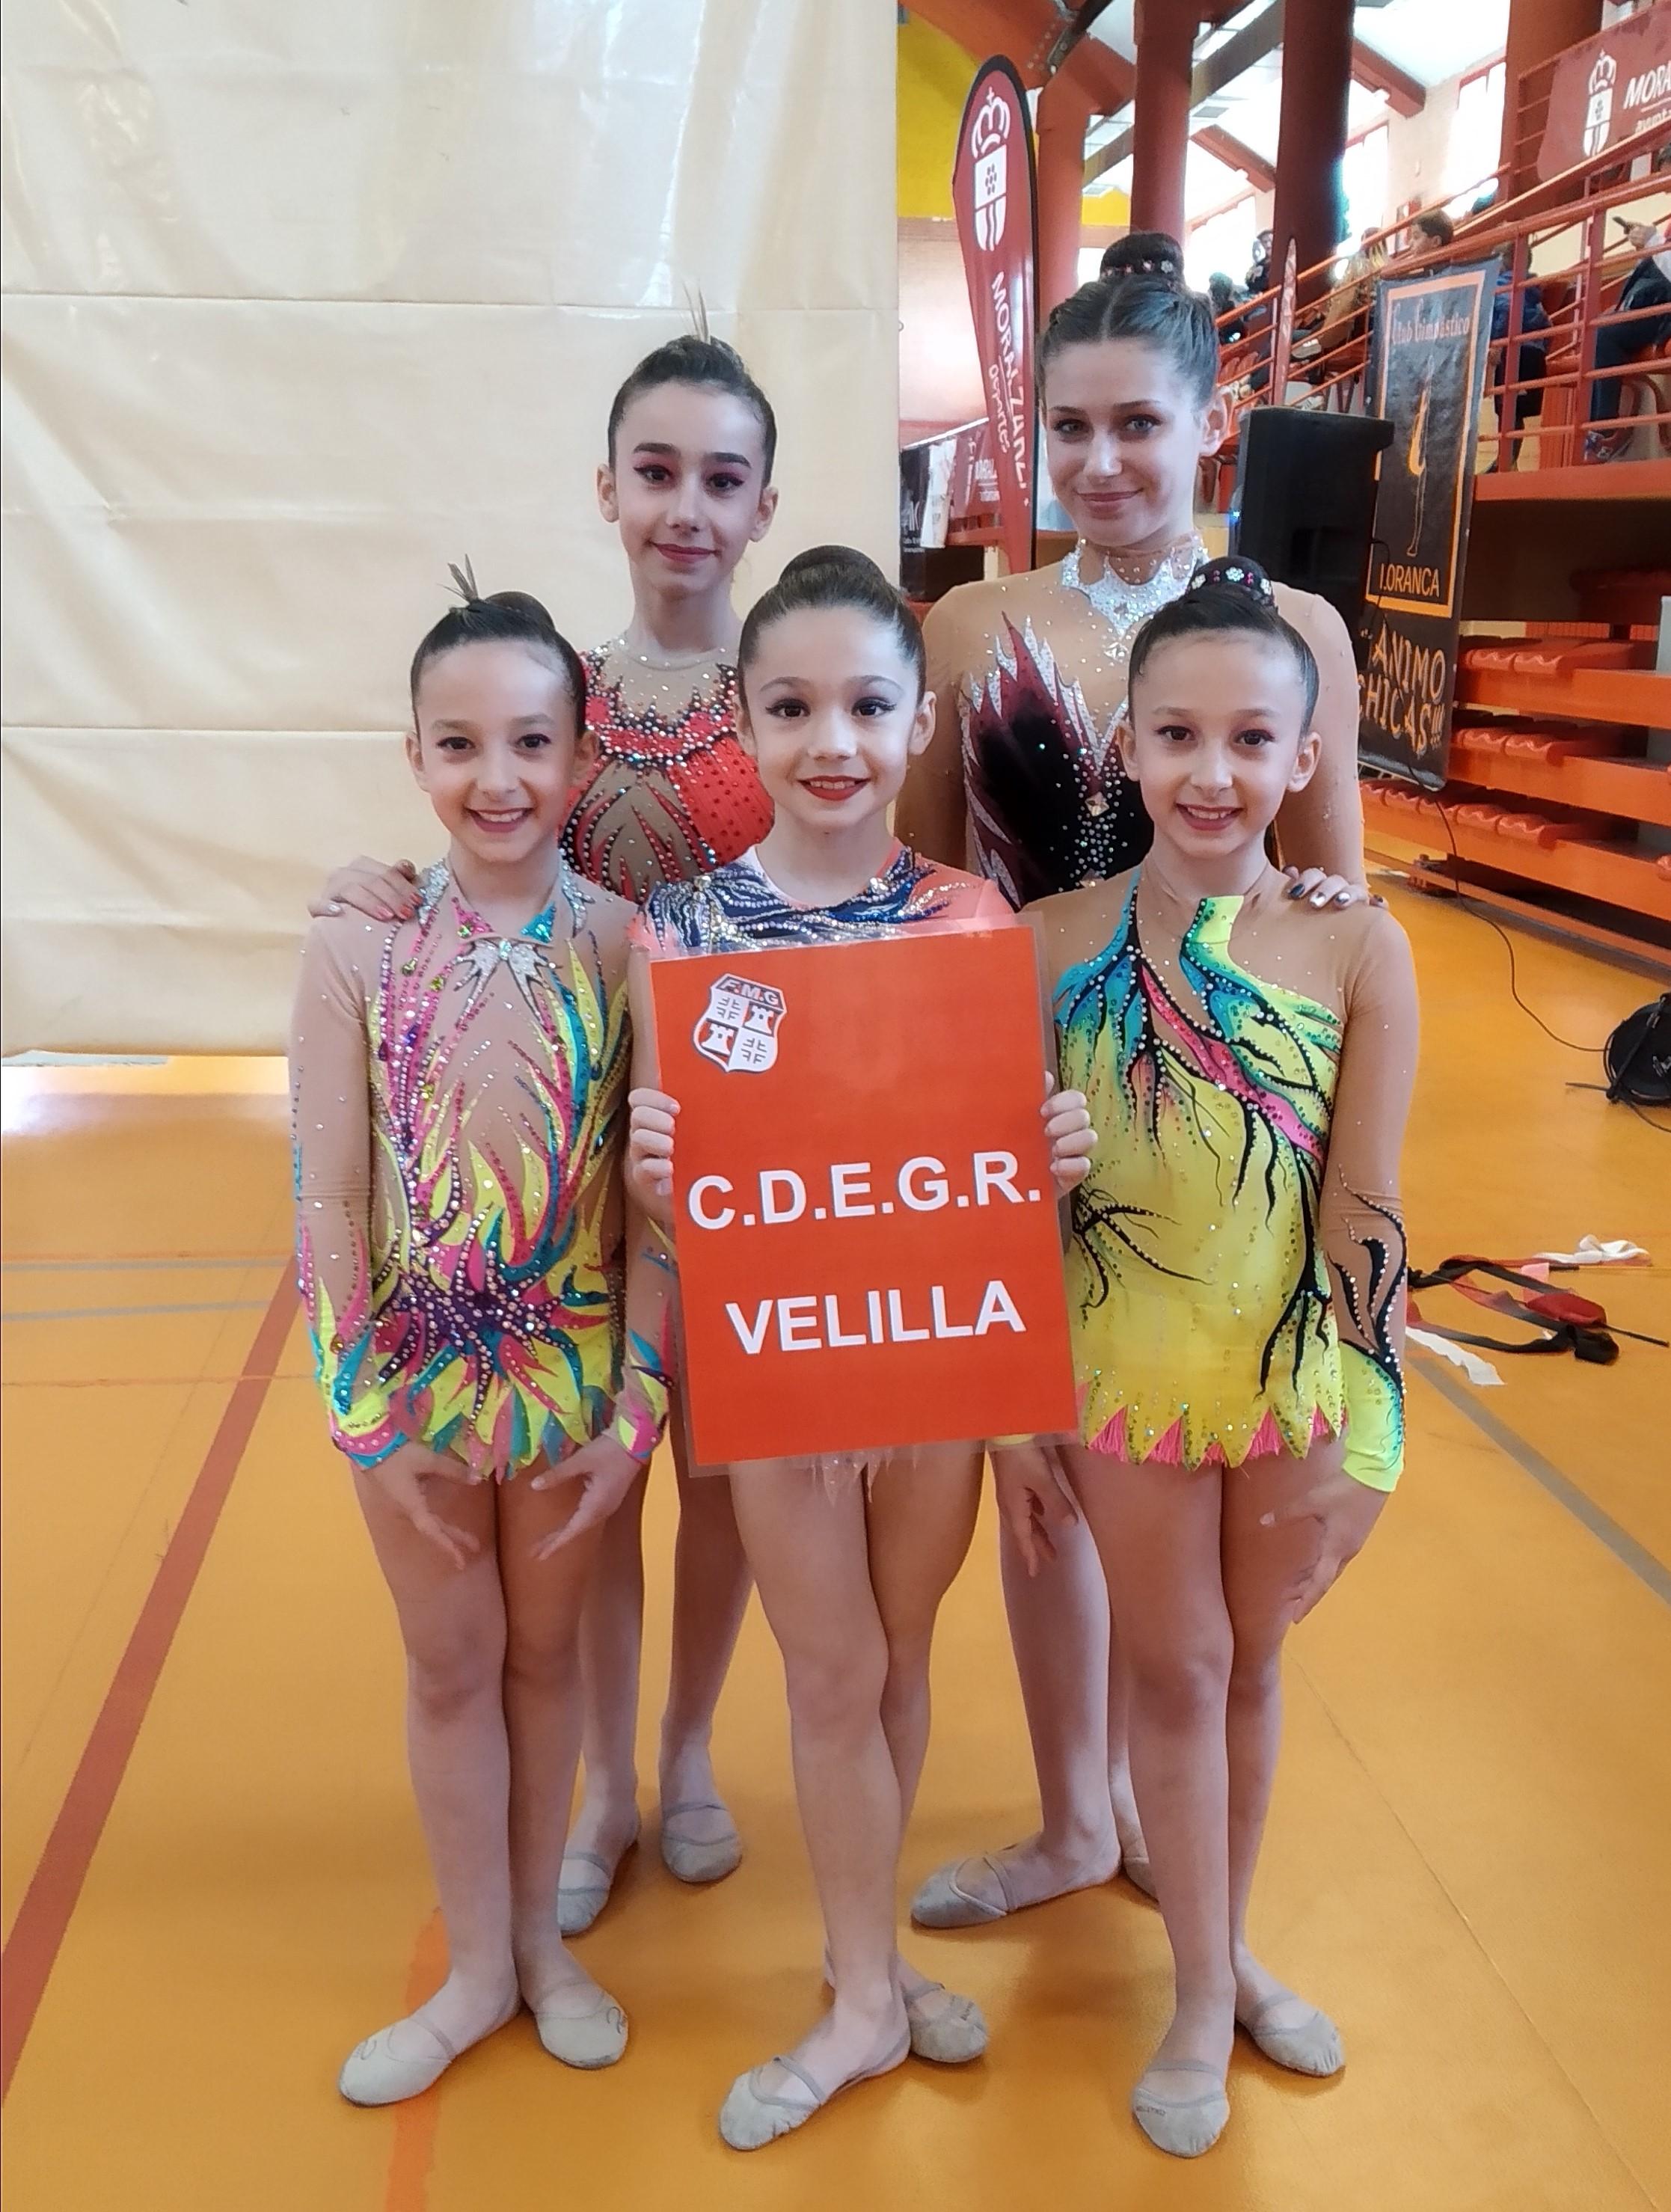 Las nueve gimnastas representantes del CGR Velilla se clasifican para el Campeonato de España